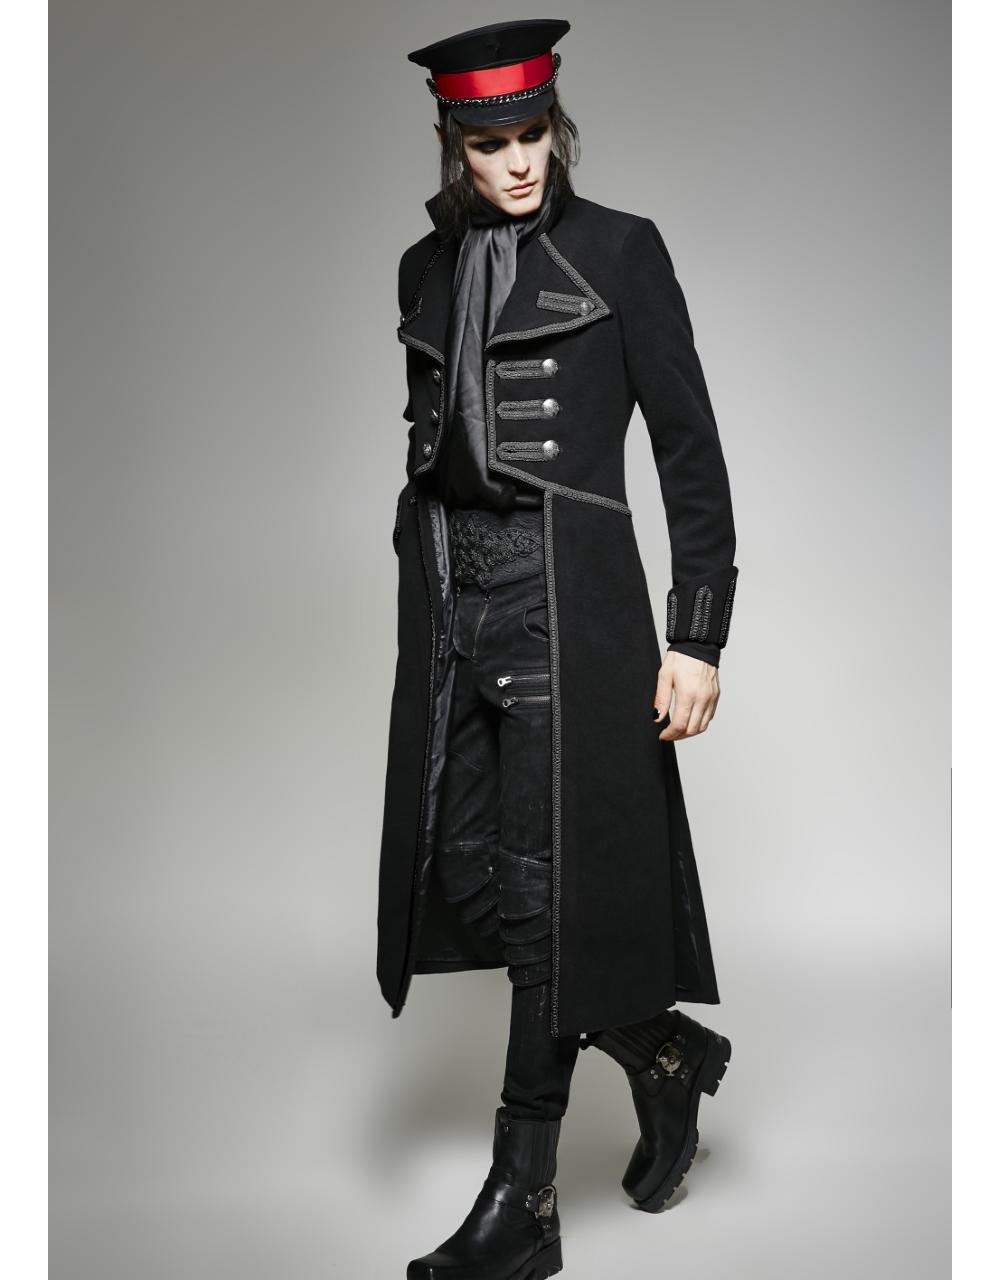 Manteau gothique homme en laine synth tique noire - Steampunk style vestimentaire ...